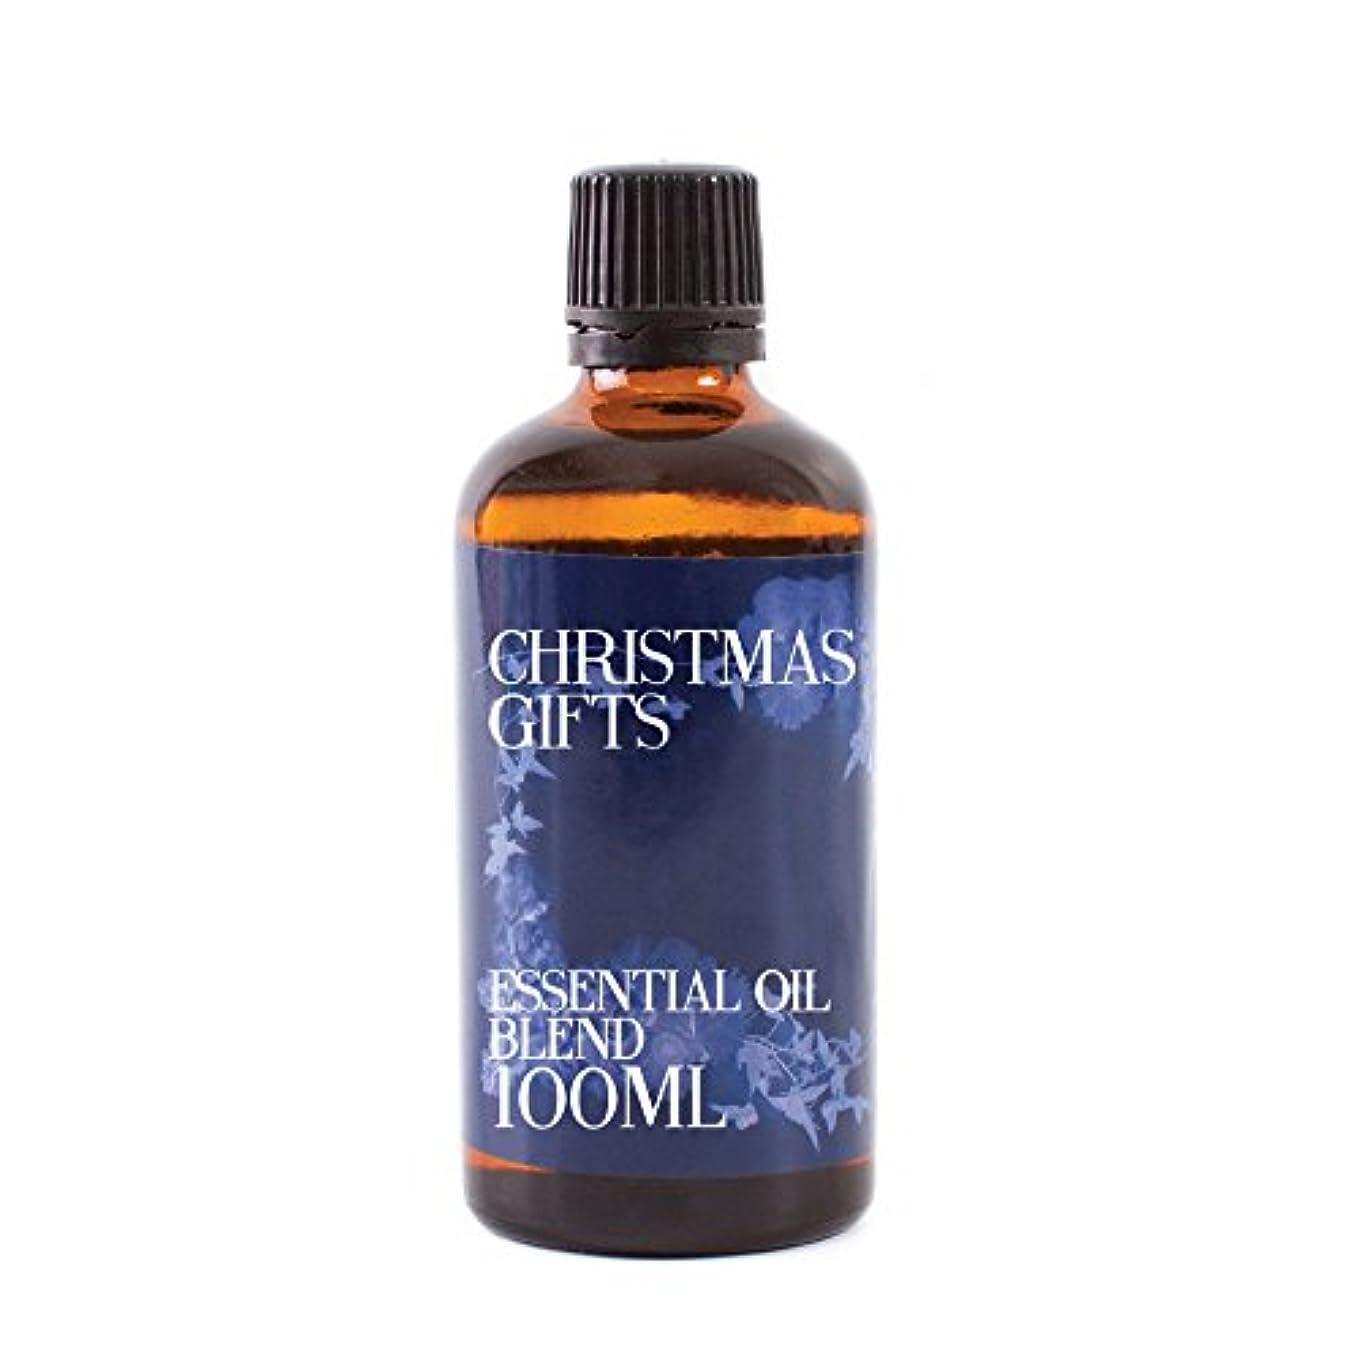 にやにや最も遠い取るMystix London | Christmas Gifts Essential Oil Blend - 100ml - 100% Pure